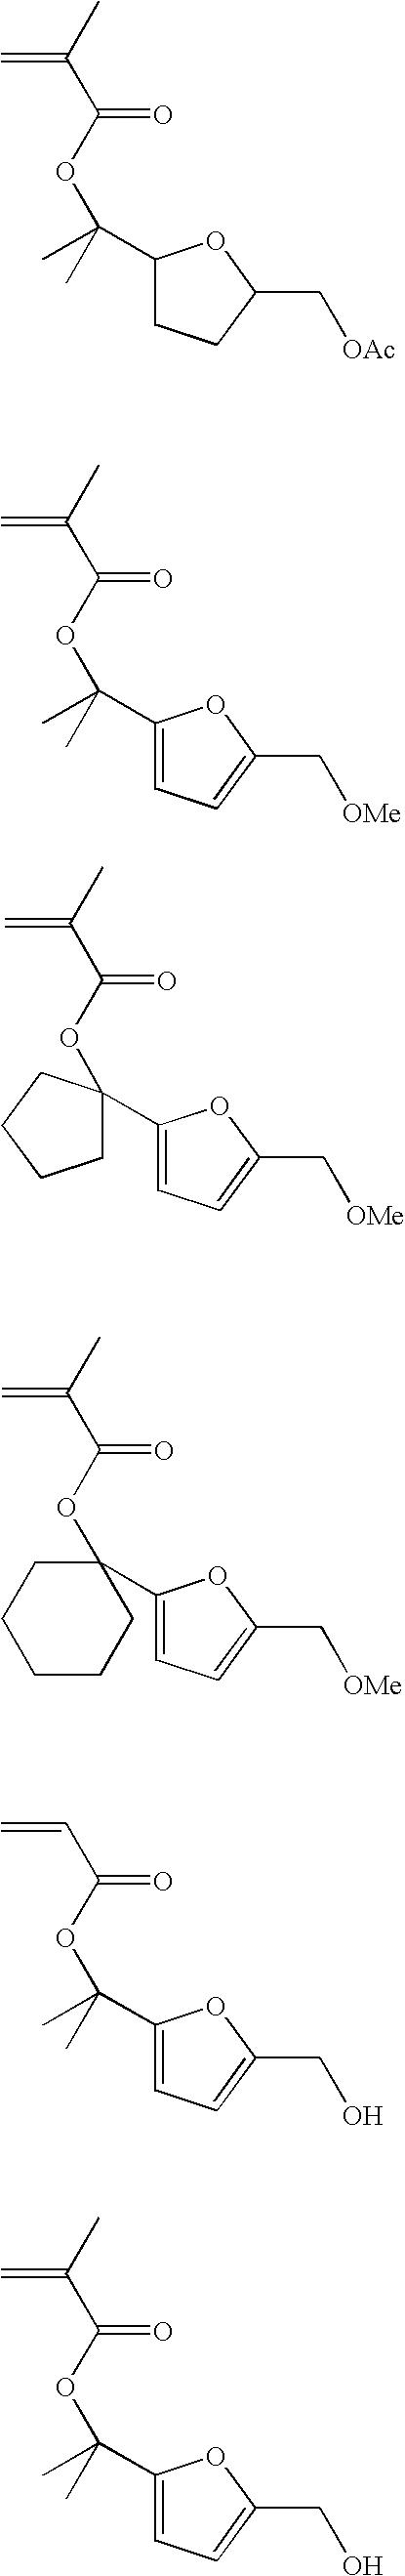 Figure US07368218-20080506-C00028